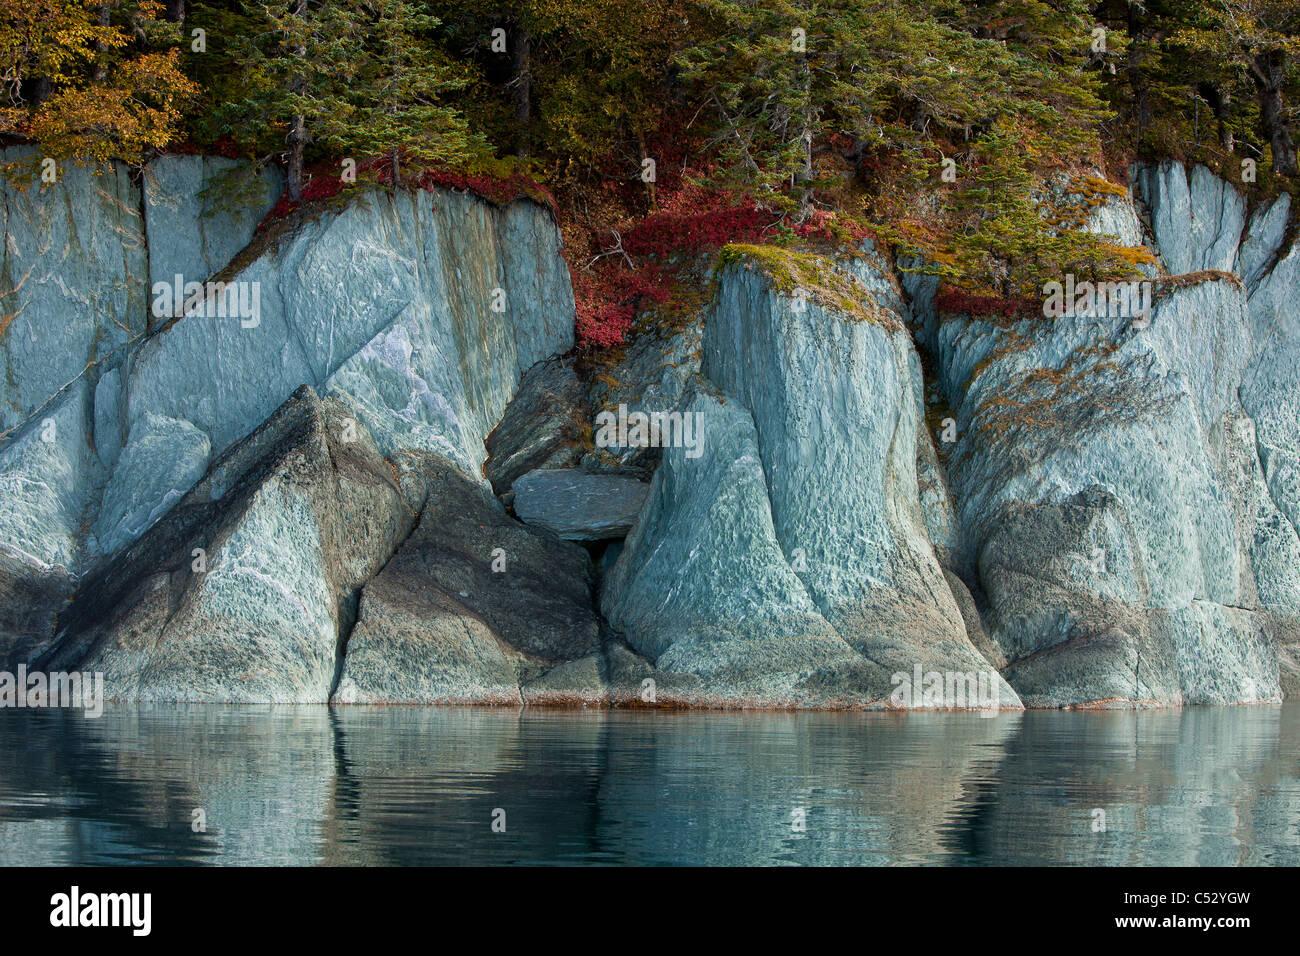 Farben des Herbstes säumen die Klippen entlang der Küste von Tracy Arm-Fords Terror Wildnis, Alaska Stockbild